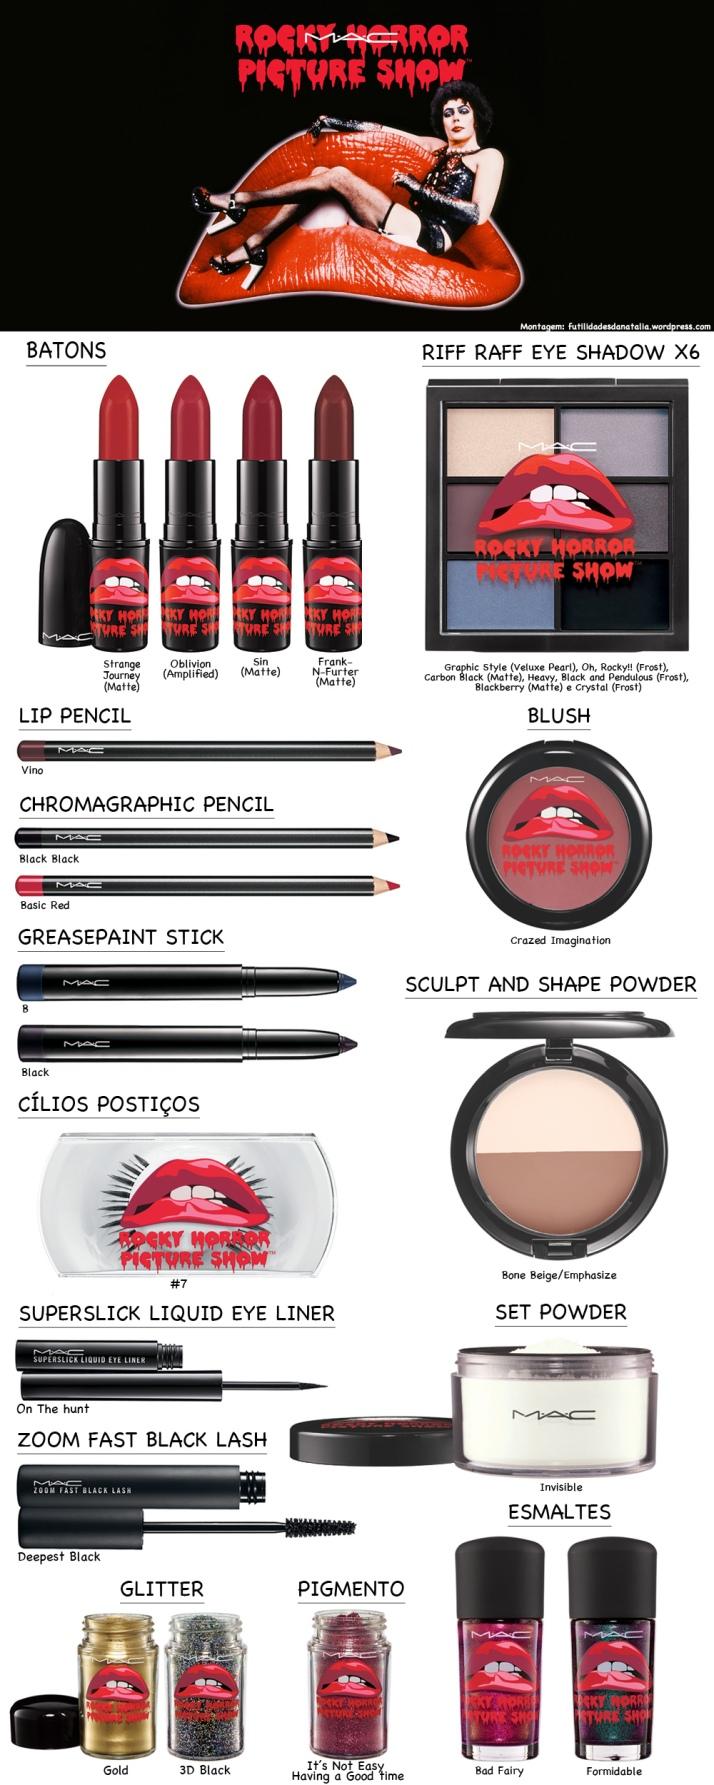 MAC-rocky-horror-picture-show-2014-produtos